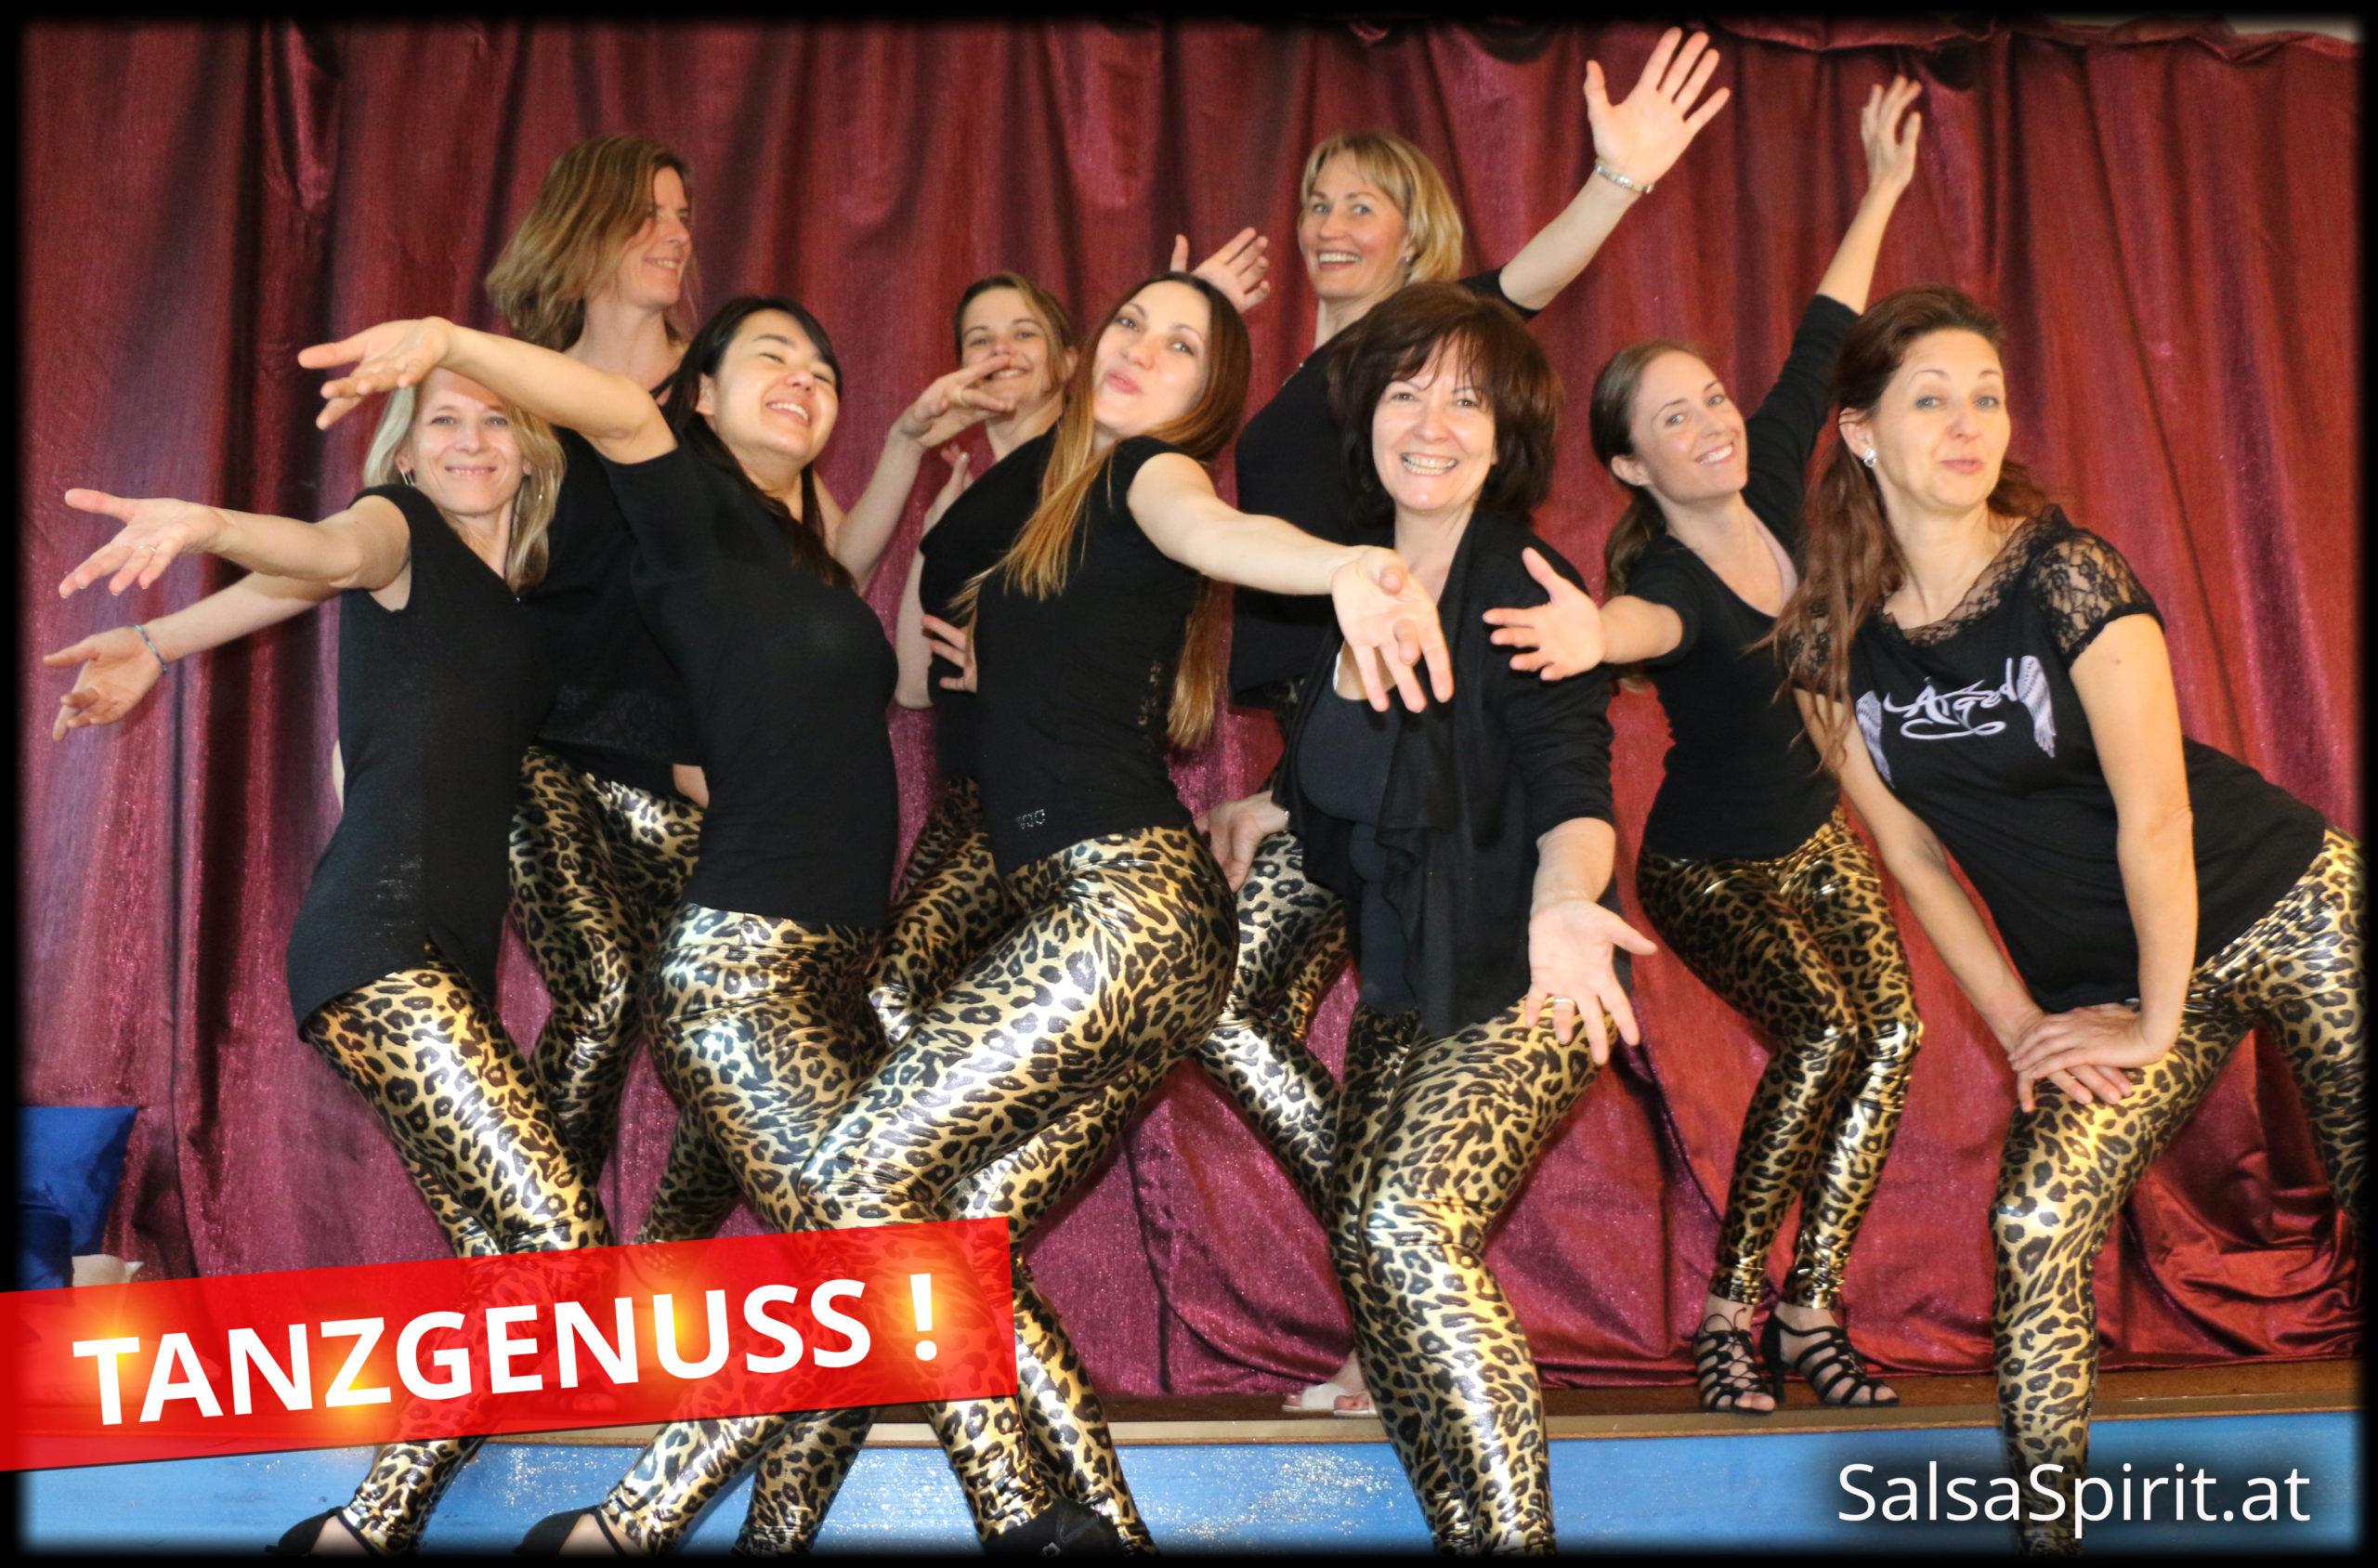 Tanzgenuss